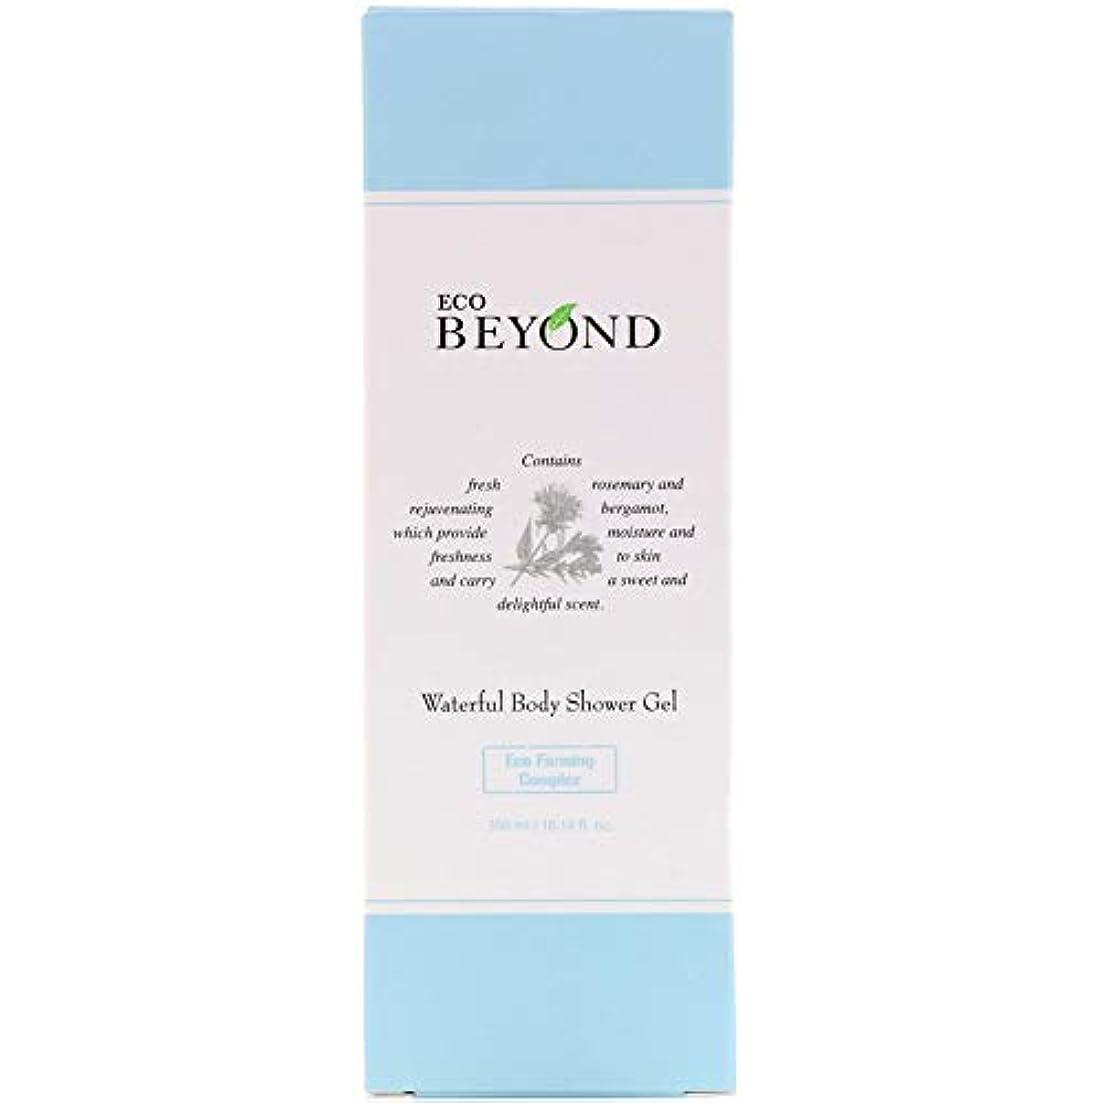 物理学者祖先ランダム[ビヨンド] BEYOND [ウォーターフル ボディ シャワージェル 300ml] Waterful Body Shower Gel 300ml [海外直送品]